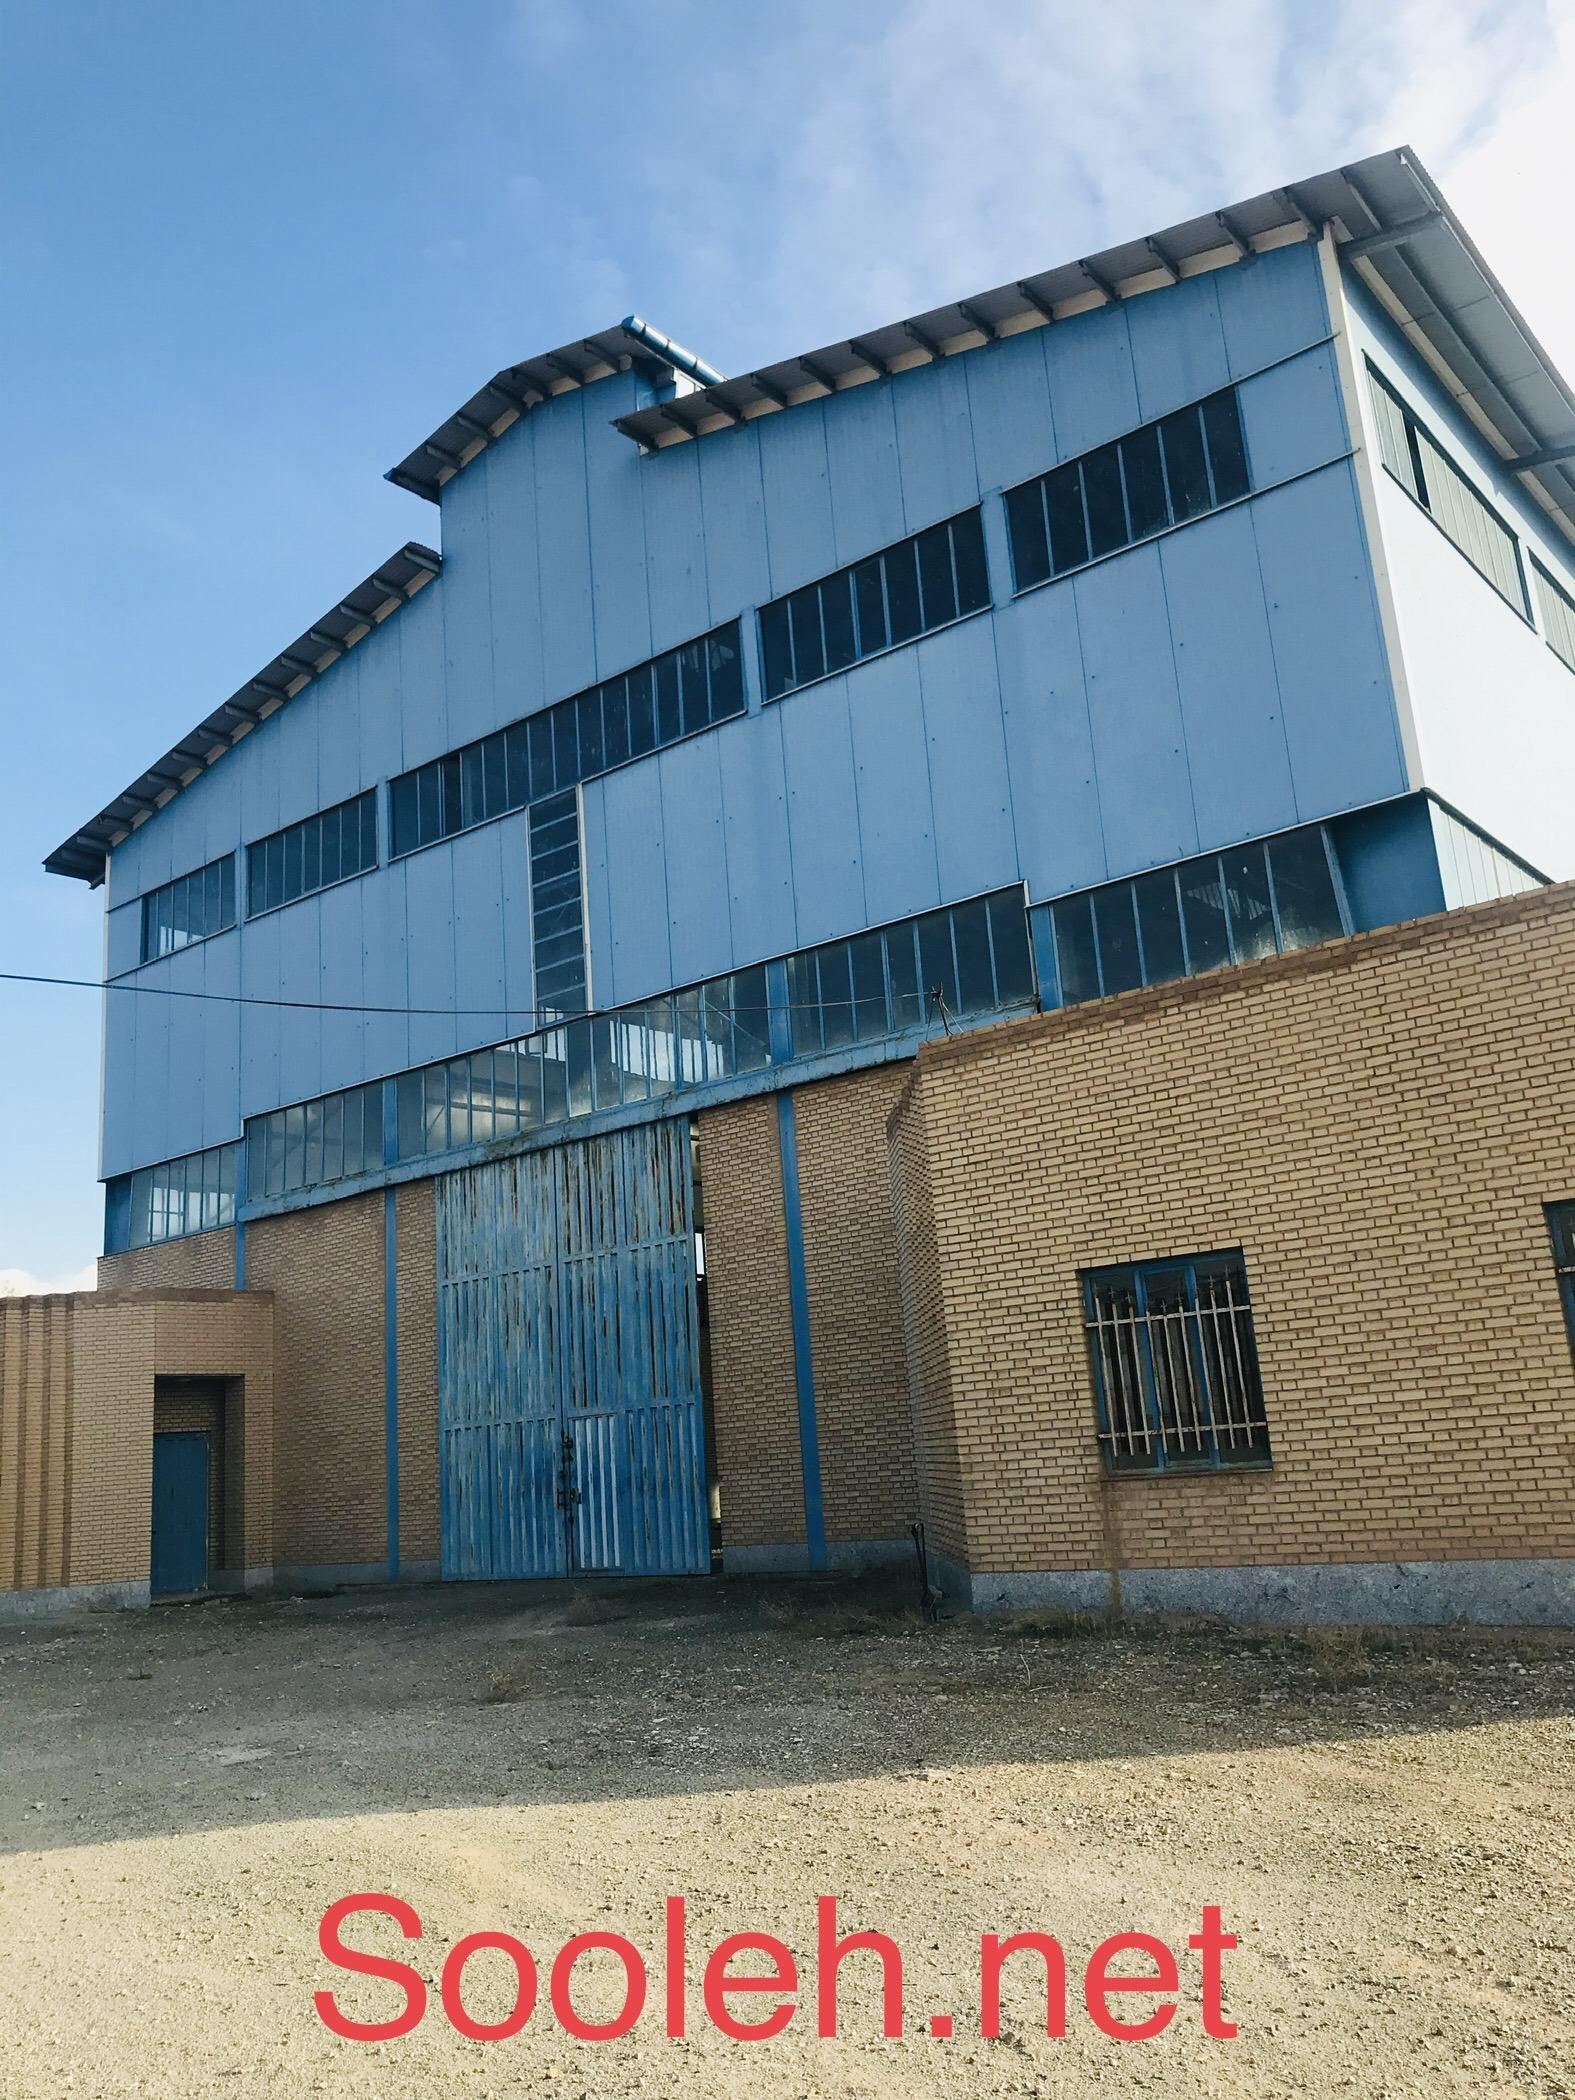 فروش زمین 10000 متری در شریف آباد منطقه صنعتی جاده خاوران